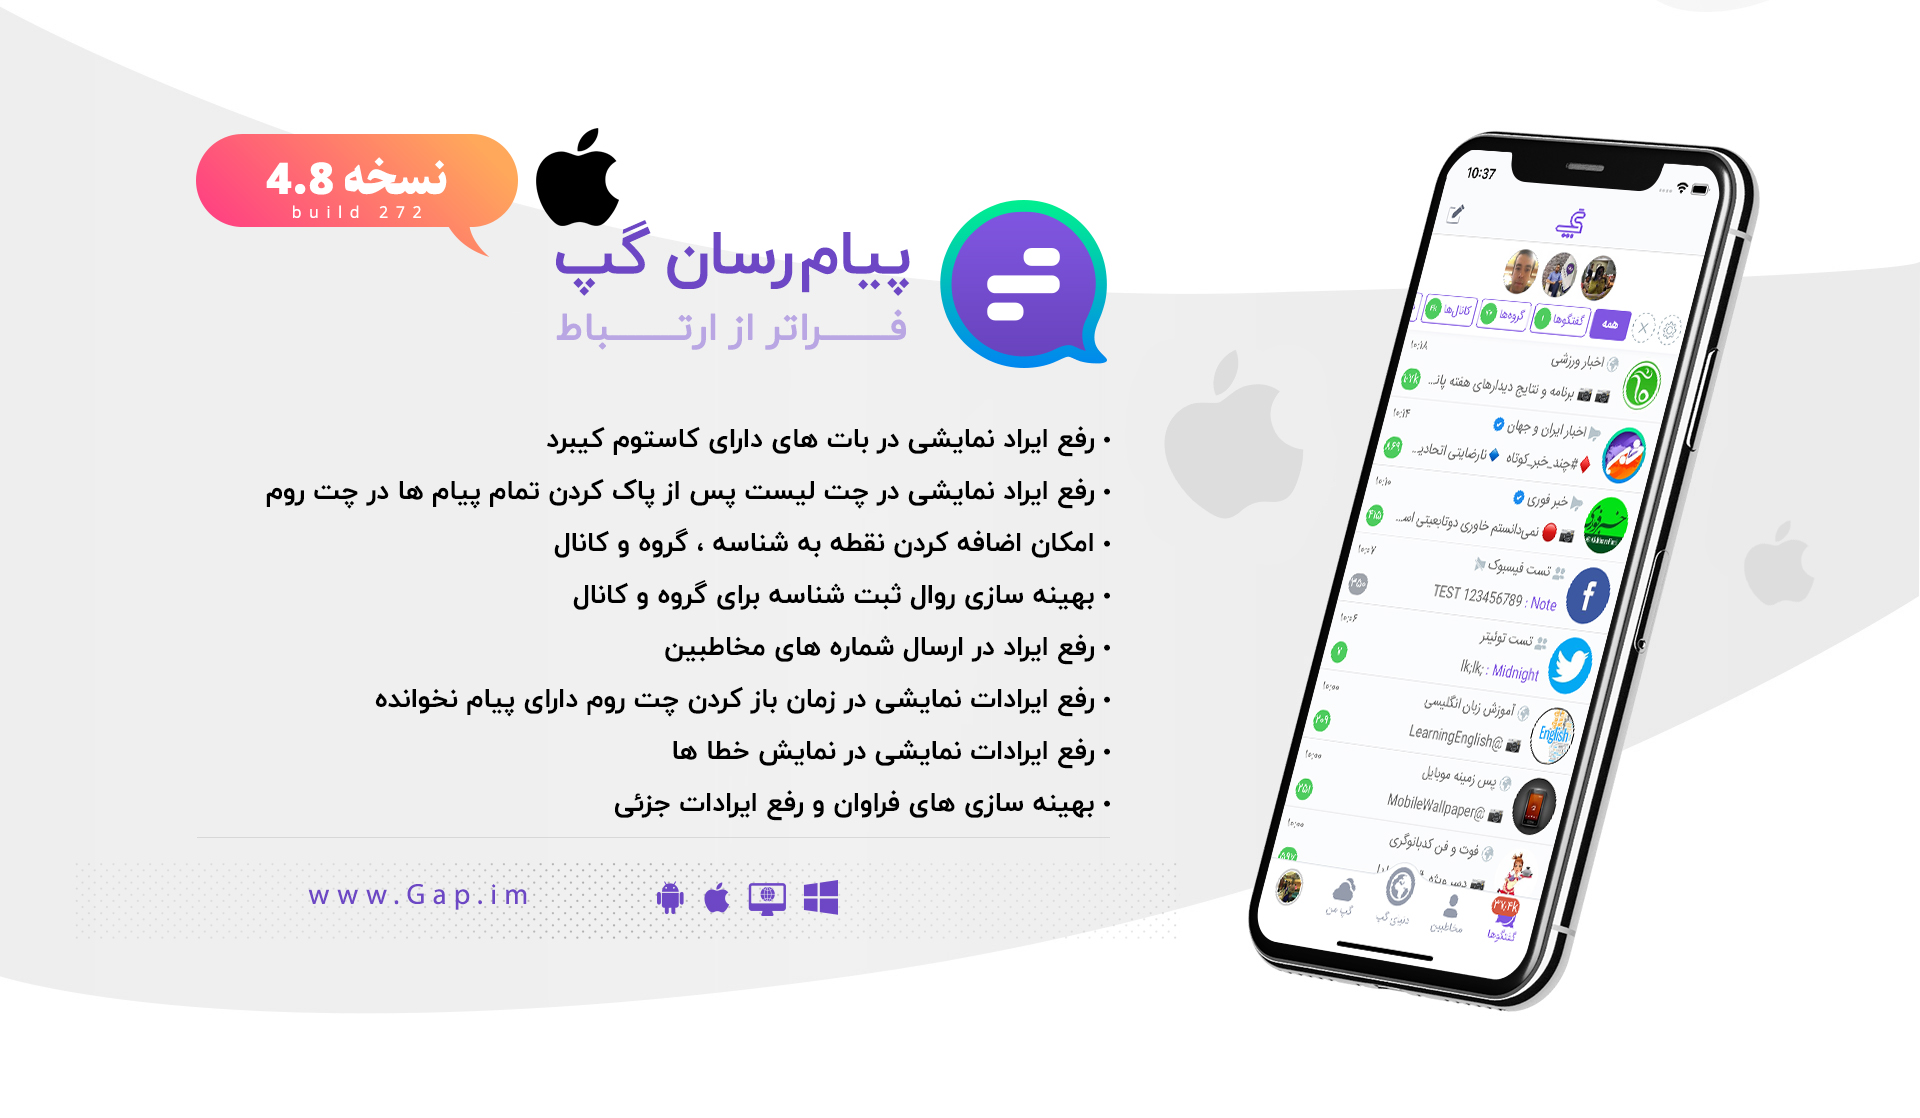 انتشار نسخه جدید پیام رسان گپ(4.8)